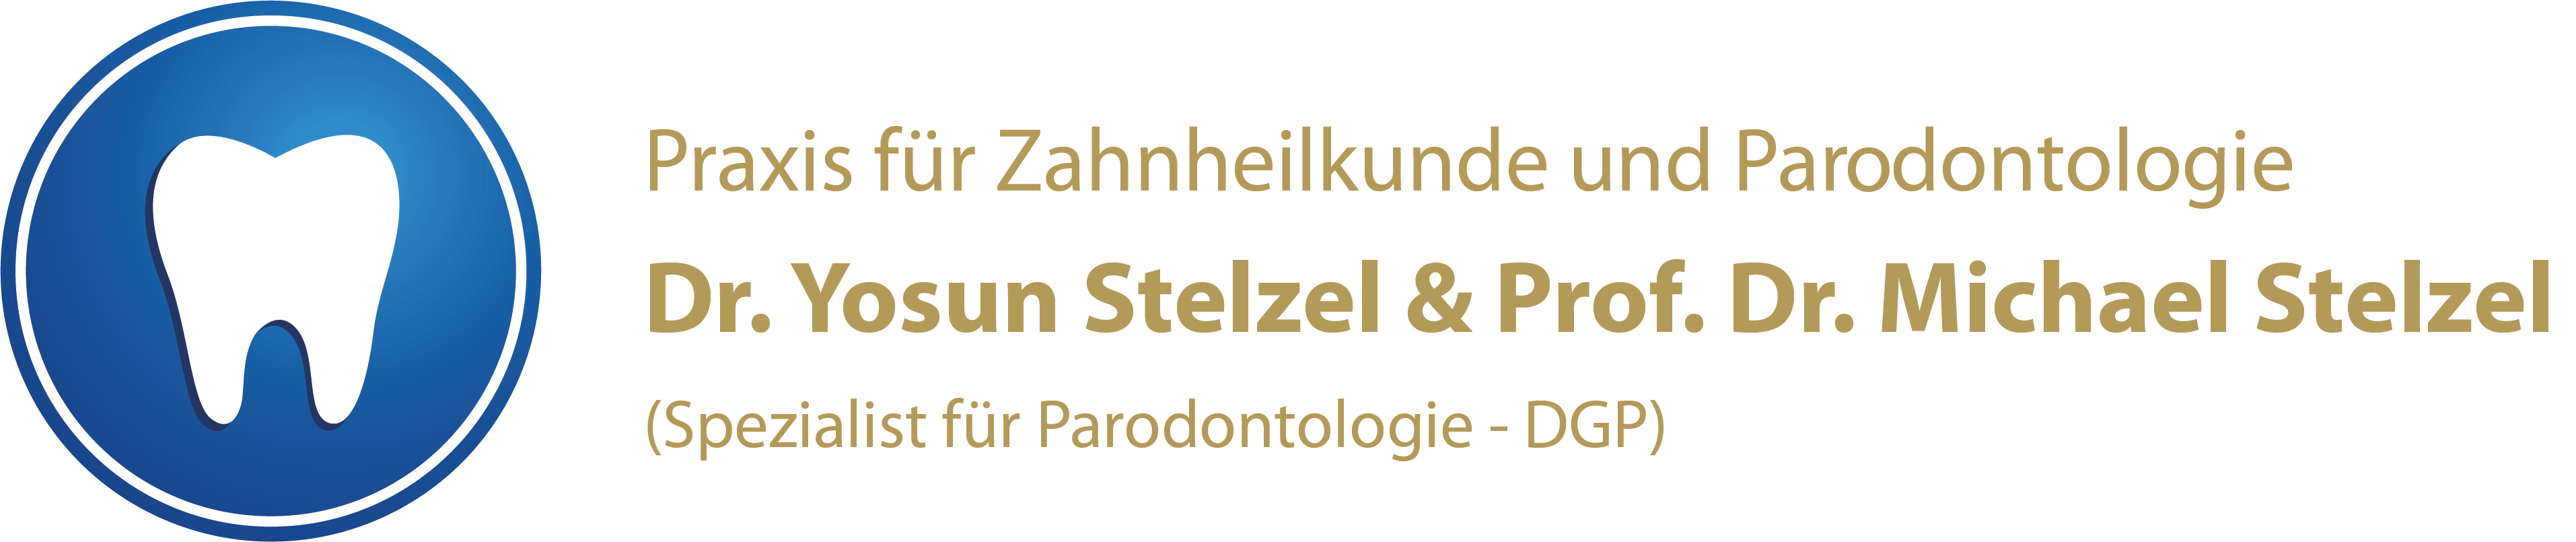 Prof. Dr. Michael Stelzel